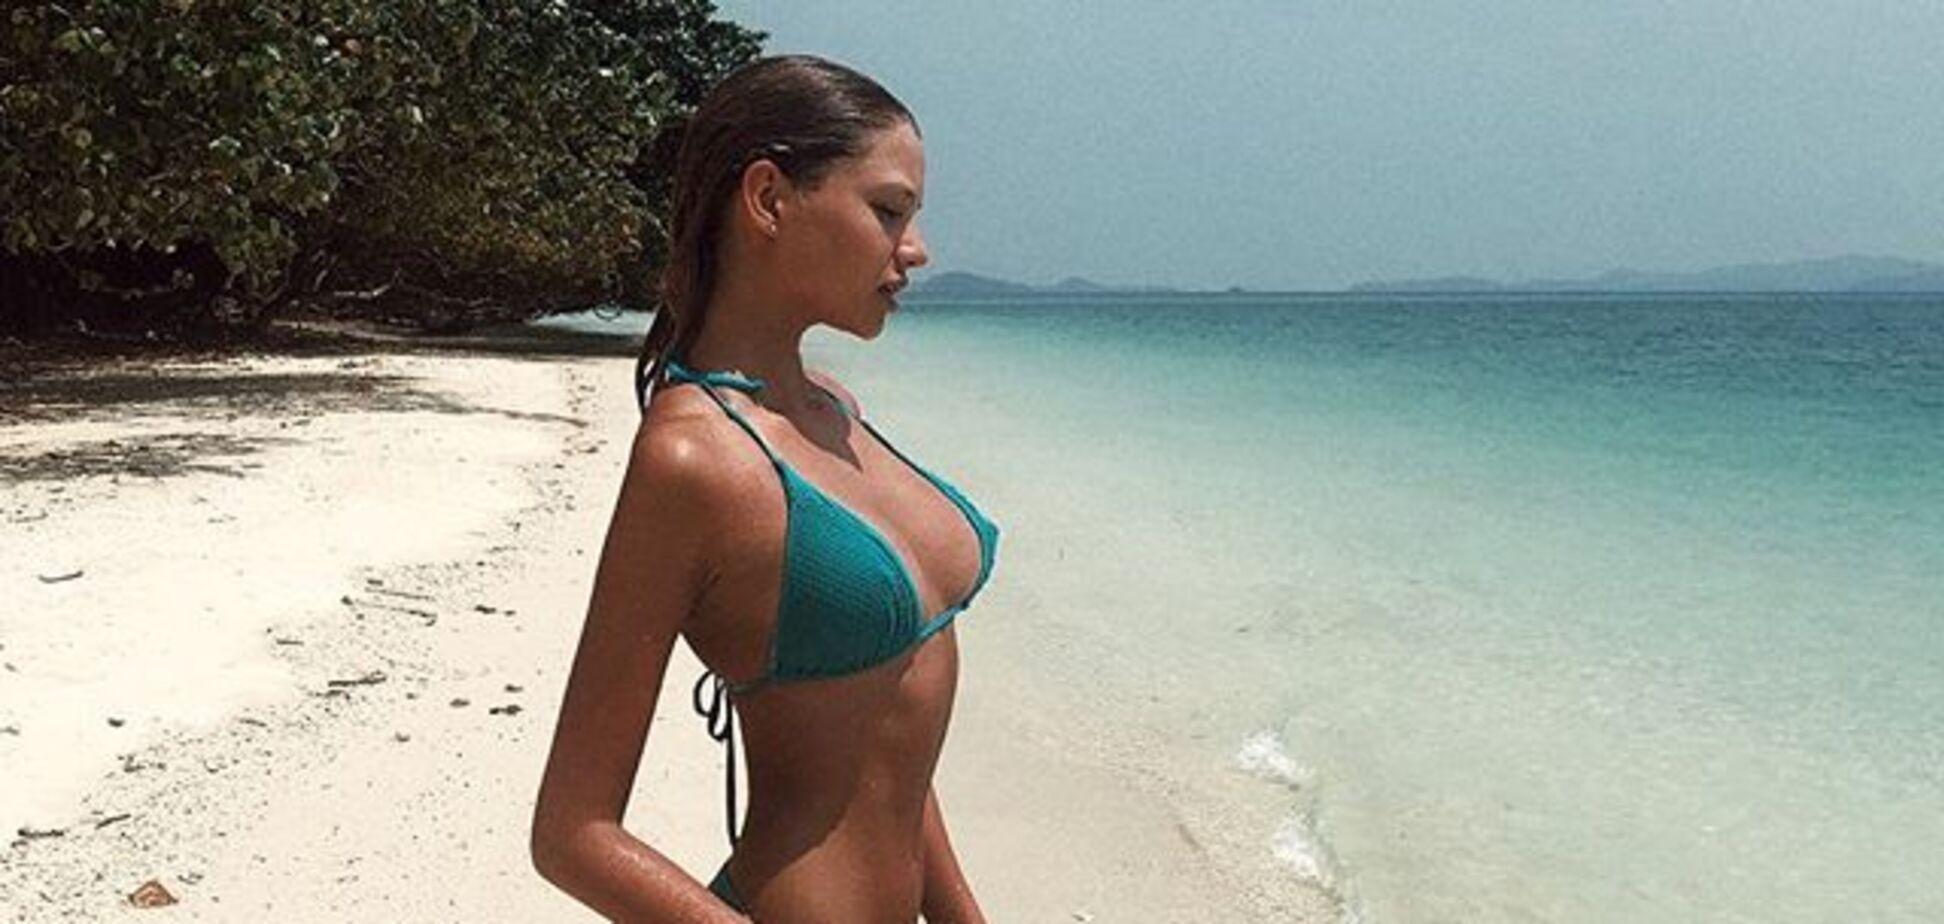 18-річна дочка легенди російського тенісу збудила Instagram знімками в бікіні